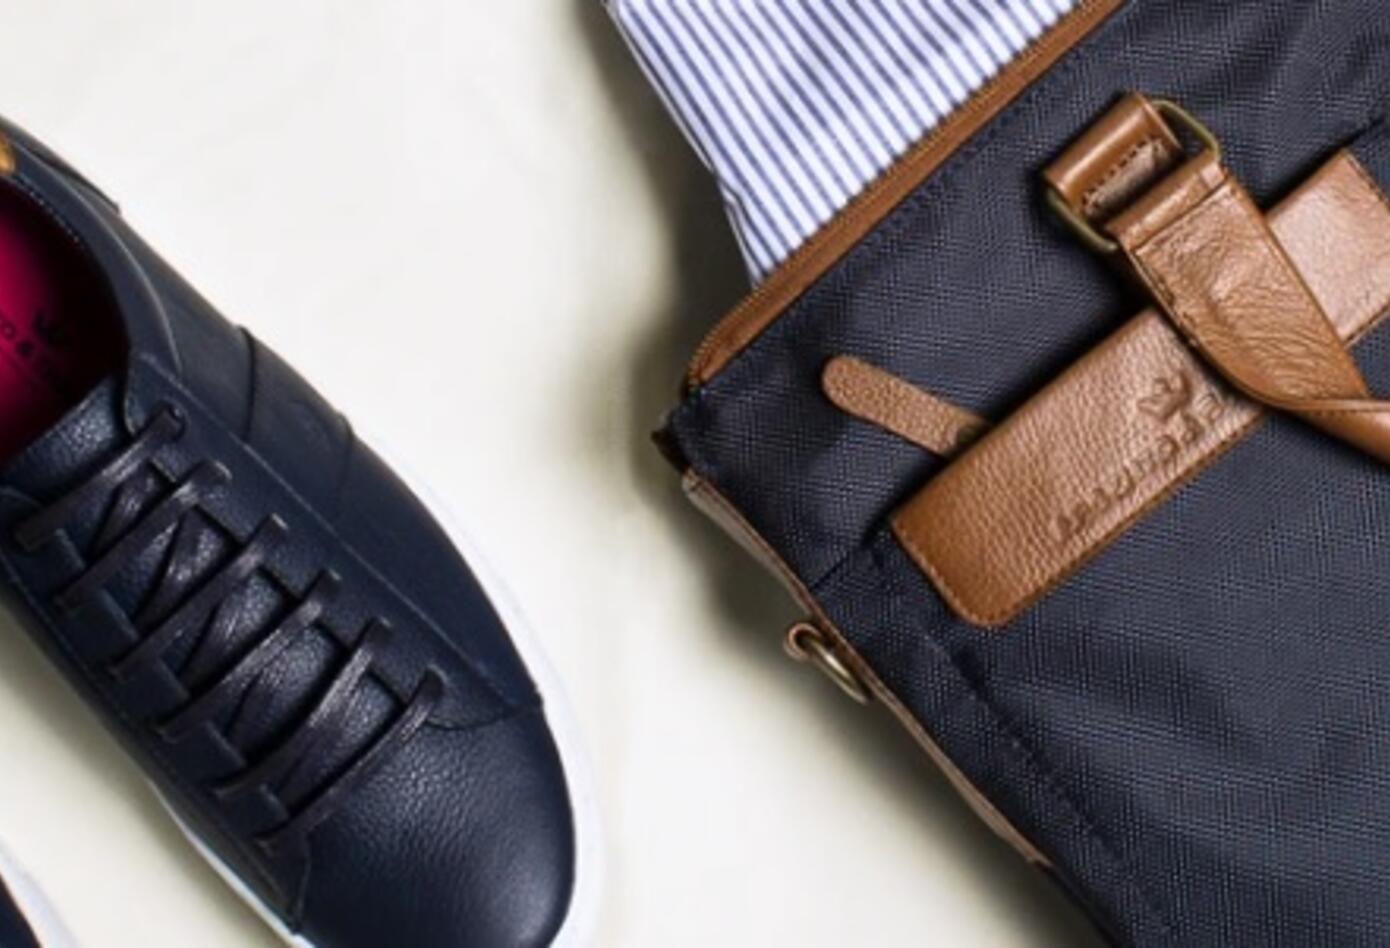 Zapatos artesanales 2